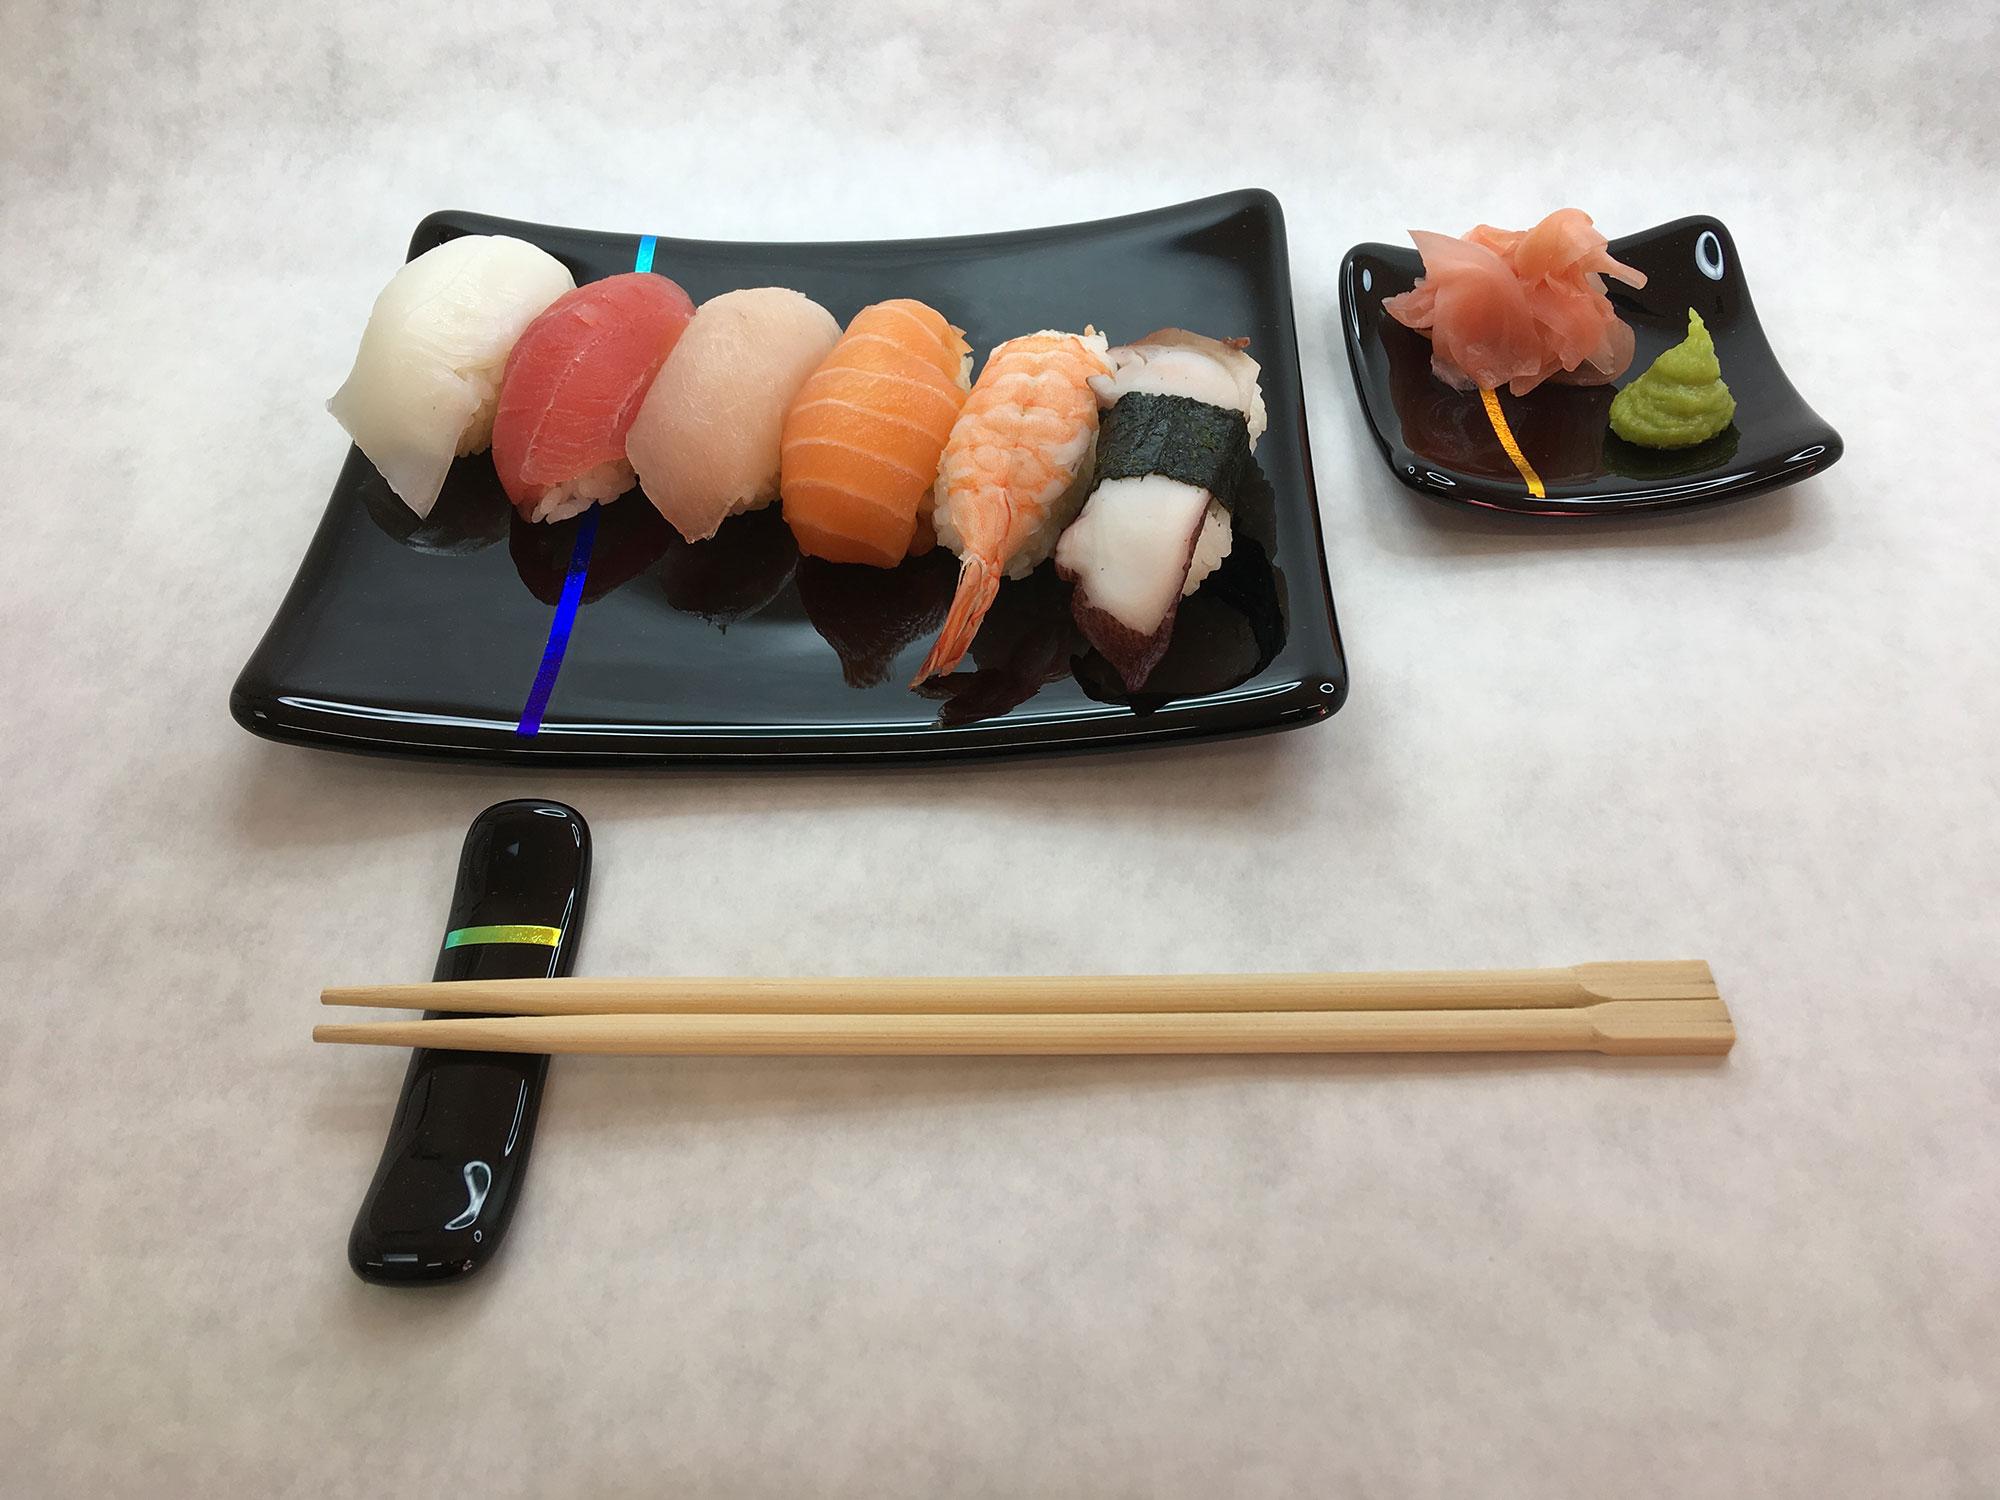 Mmmm, Sushi